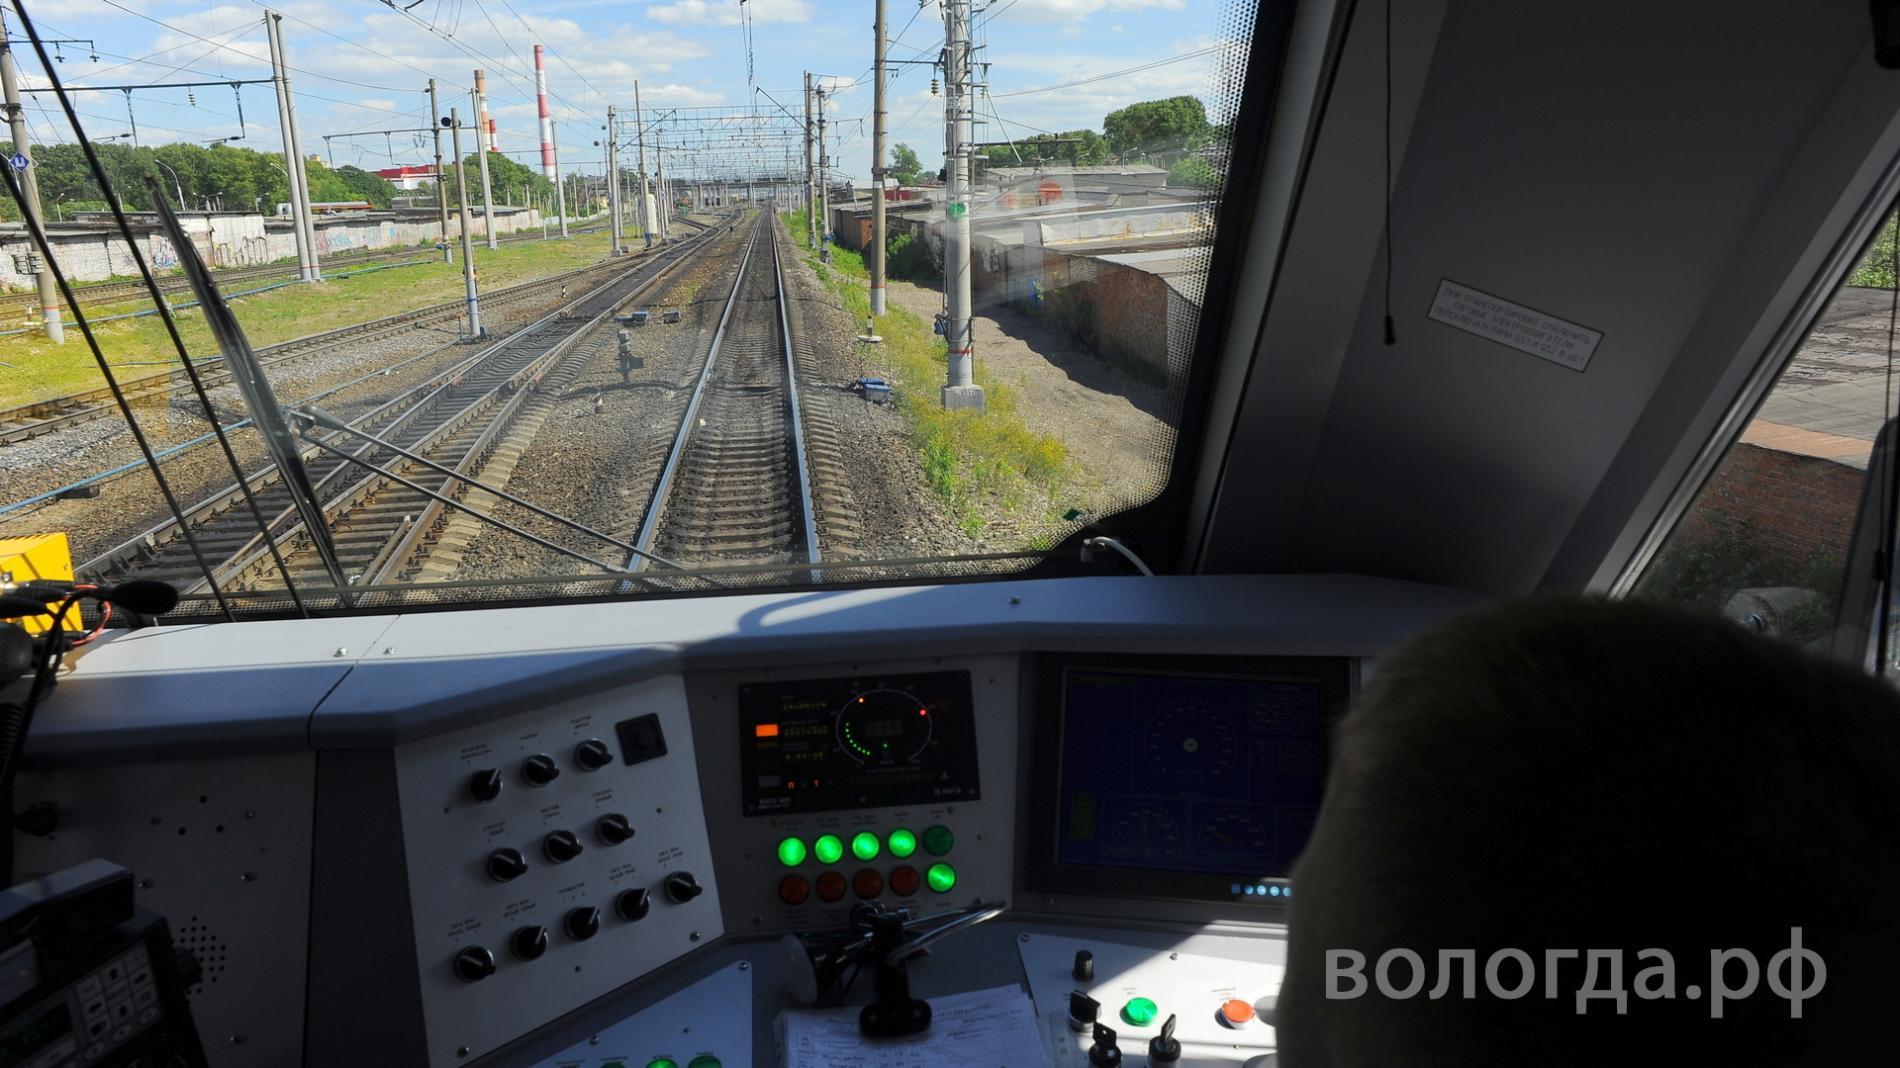 В Вологде проходит месячник детской безопасности на железных дорогах